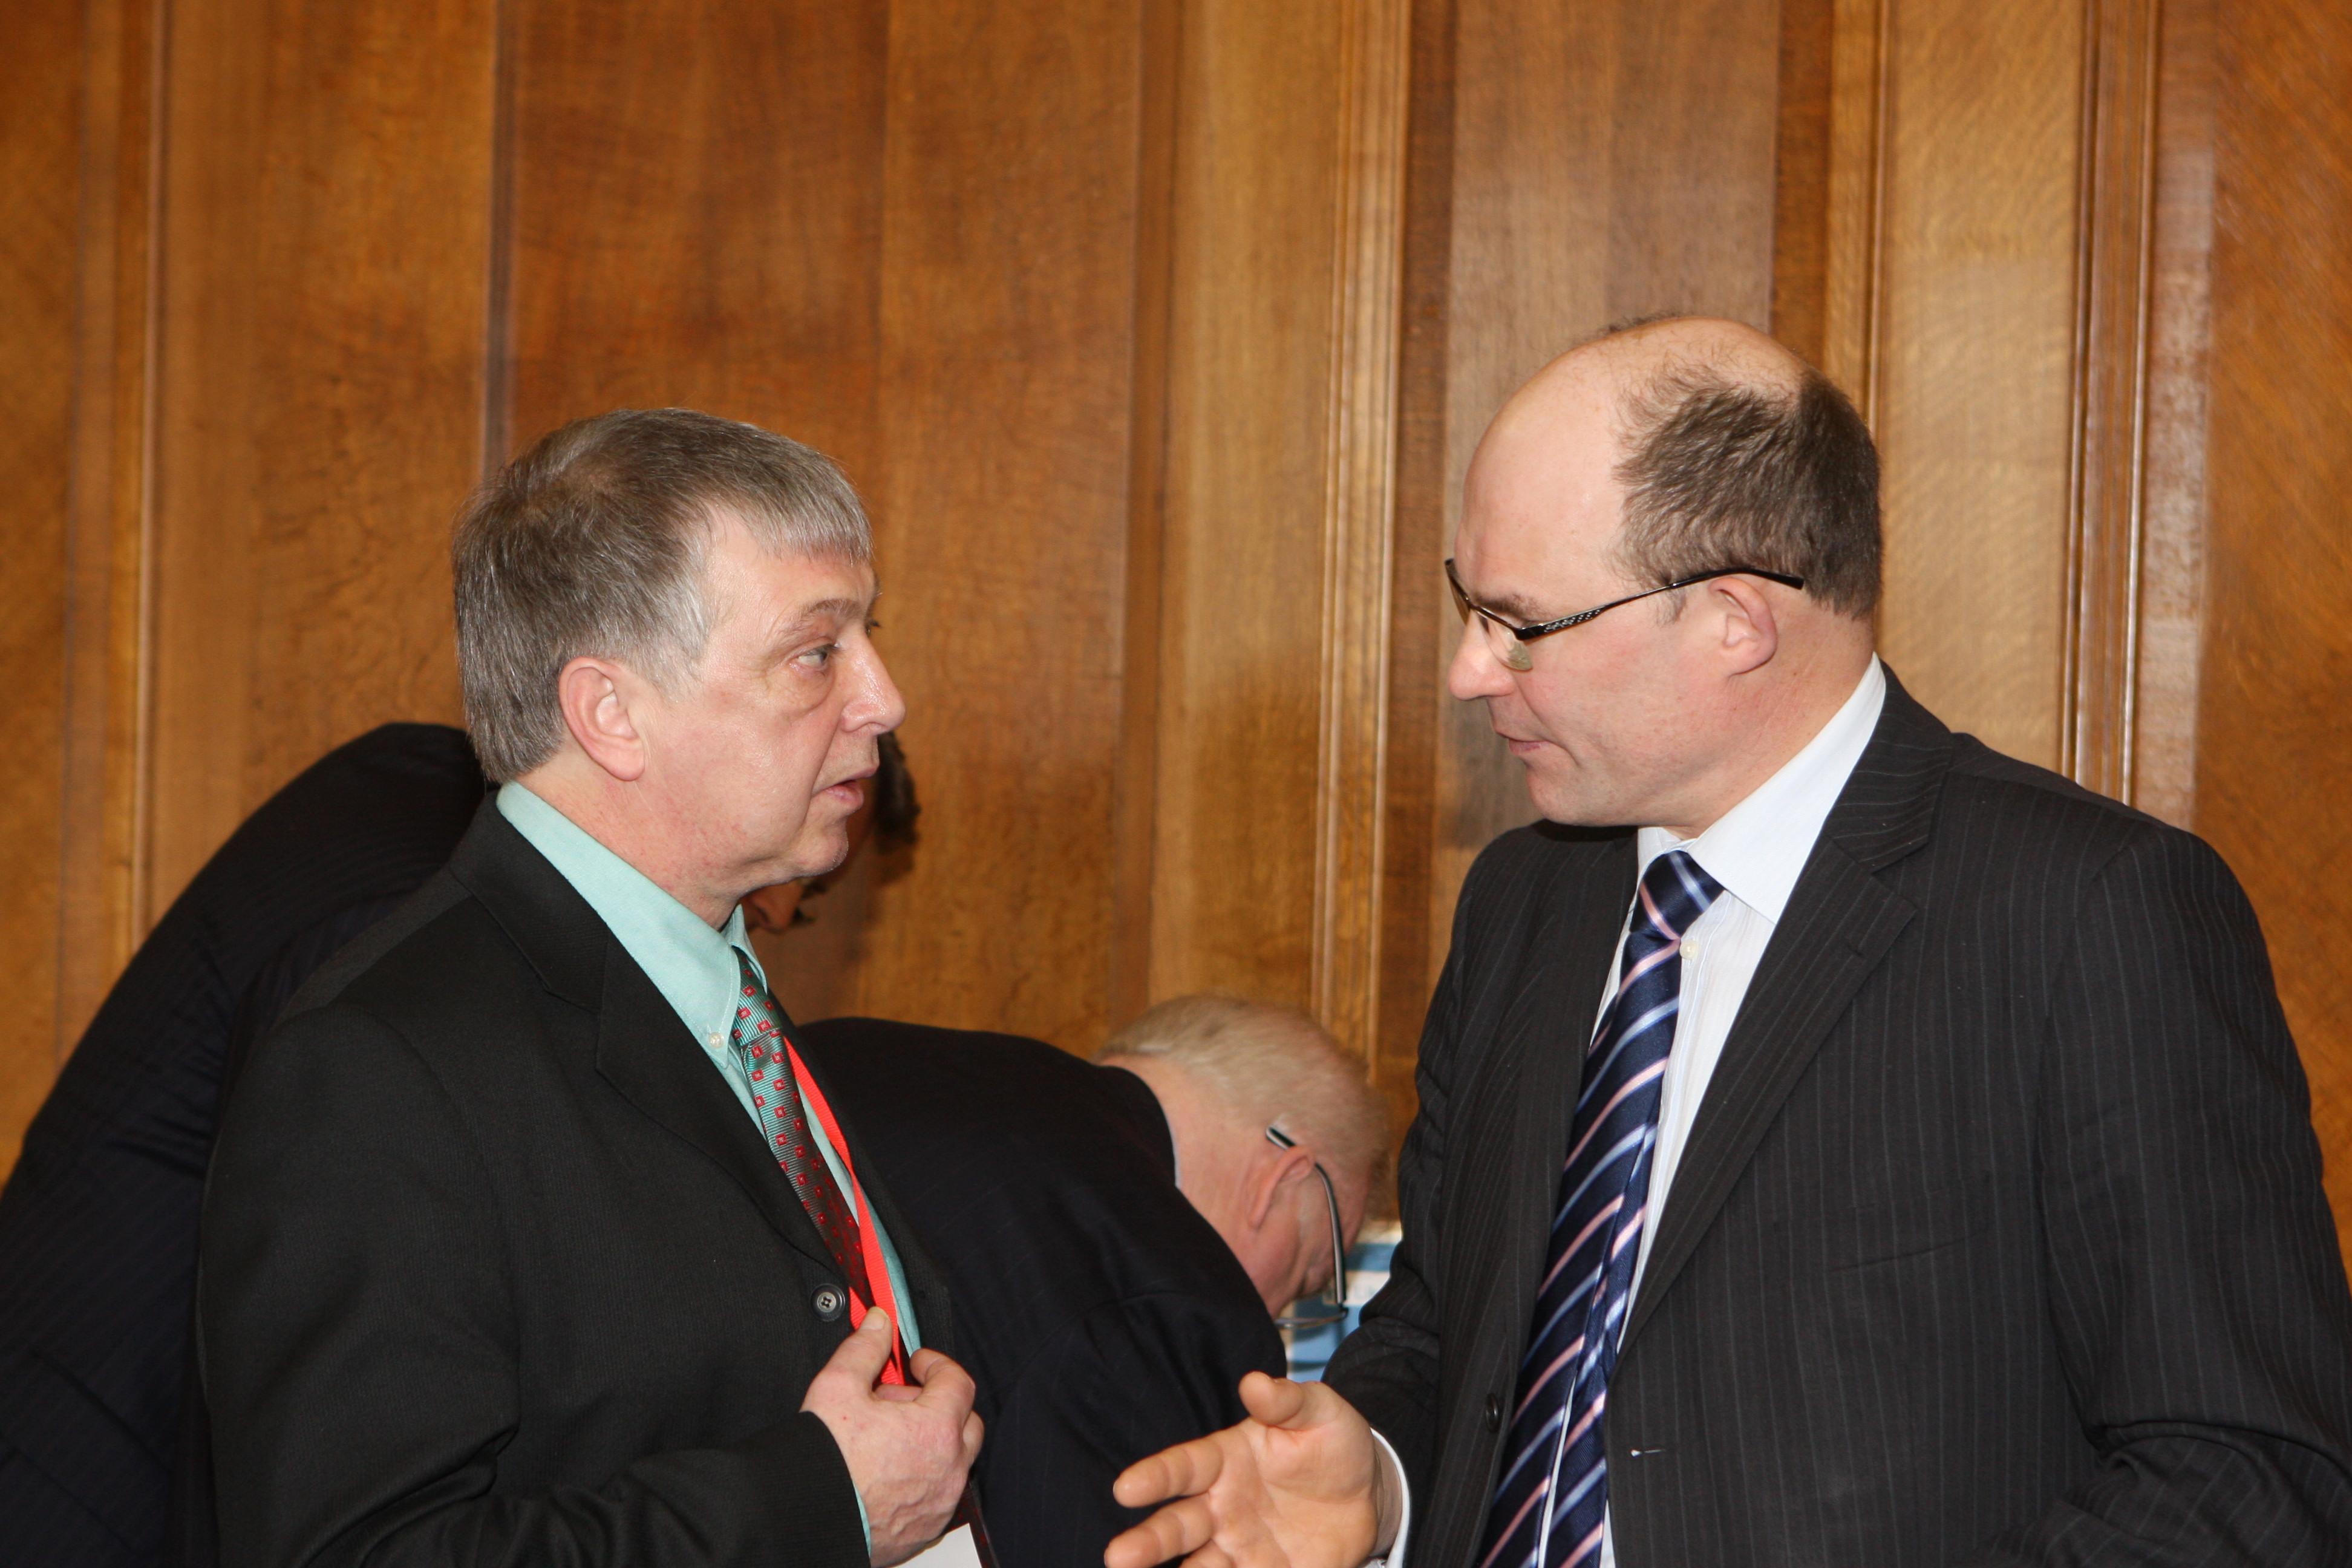 Beggs talks to Paul Erwin